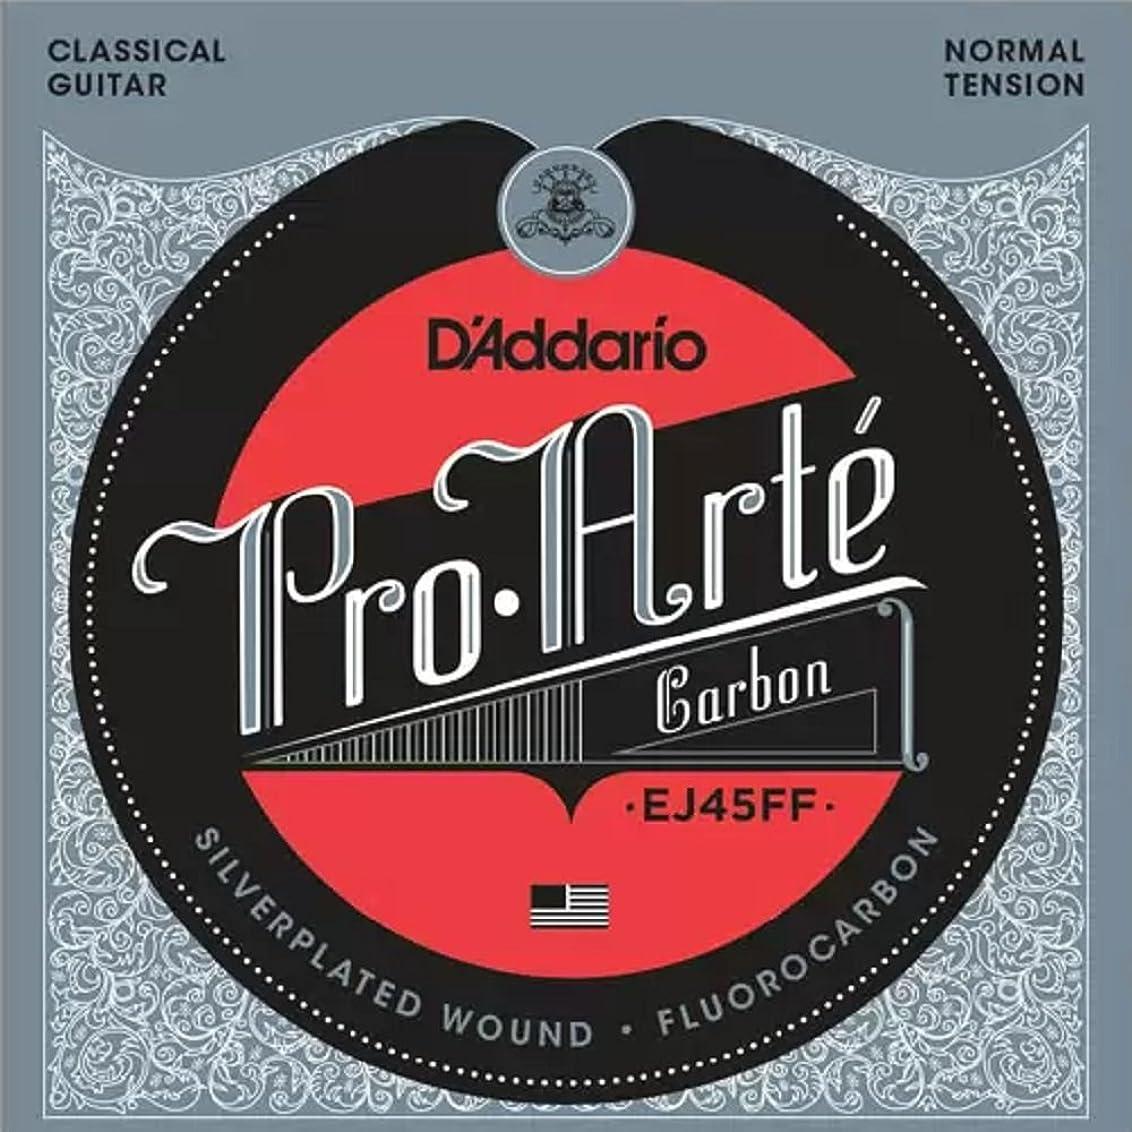 足音年夜明けにD'Addario ダダリオ クラシックギター弦 プロアルテ Carbon Normal EJ45FF 【国内正規品】